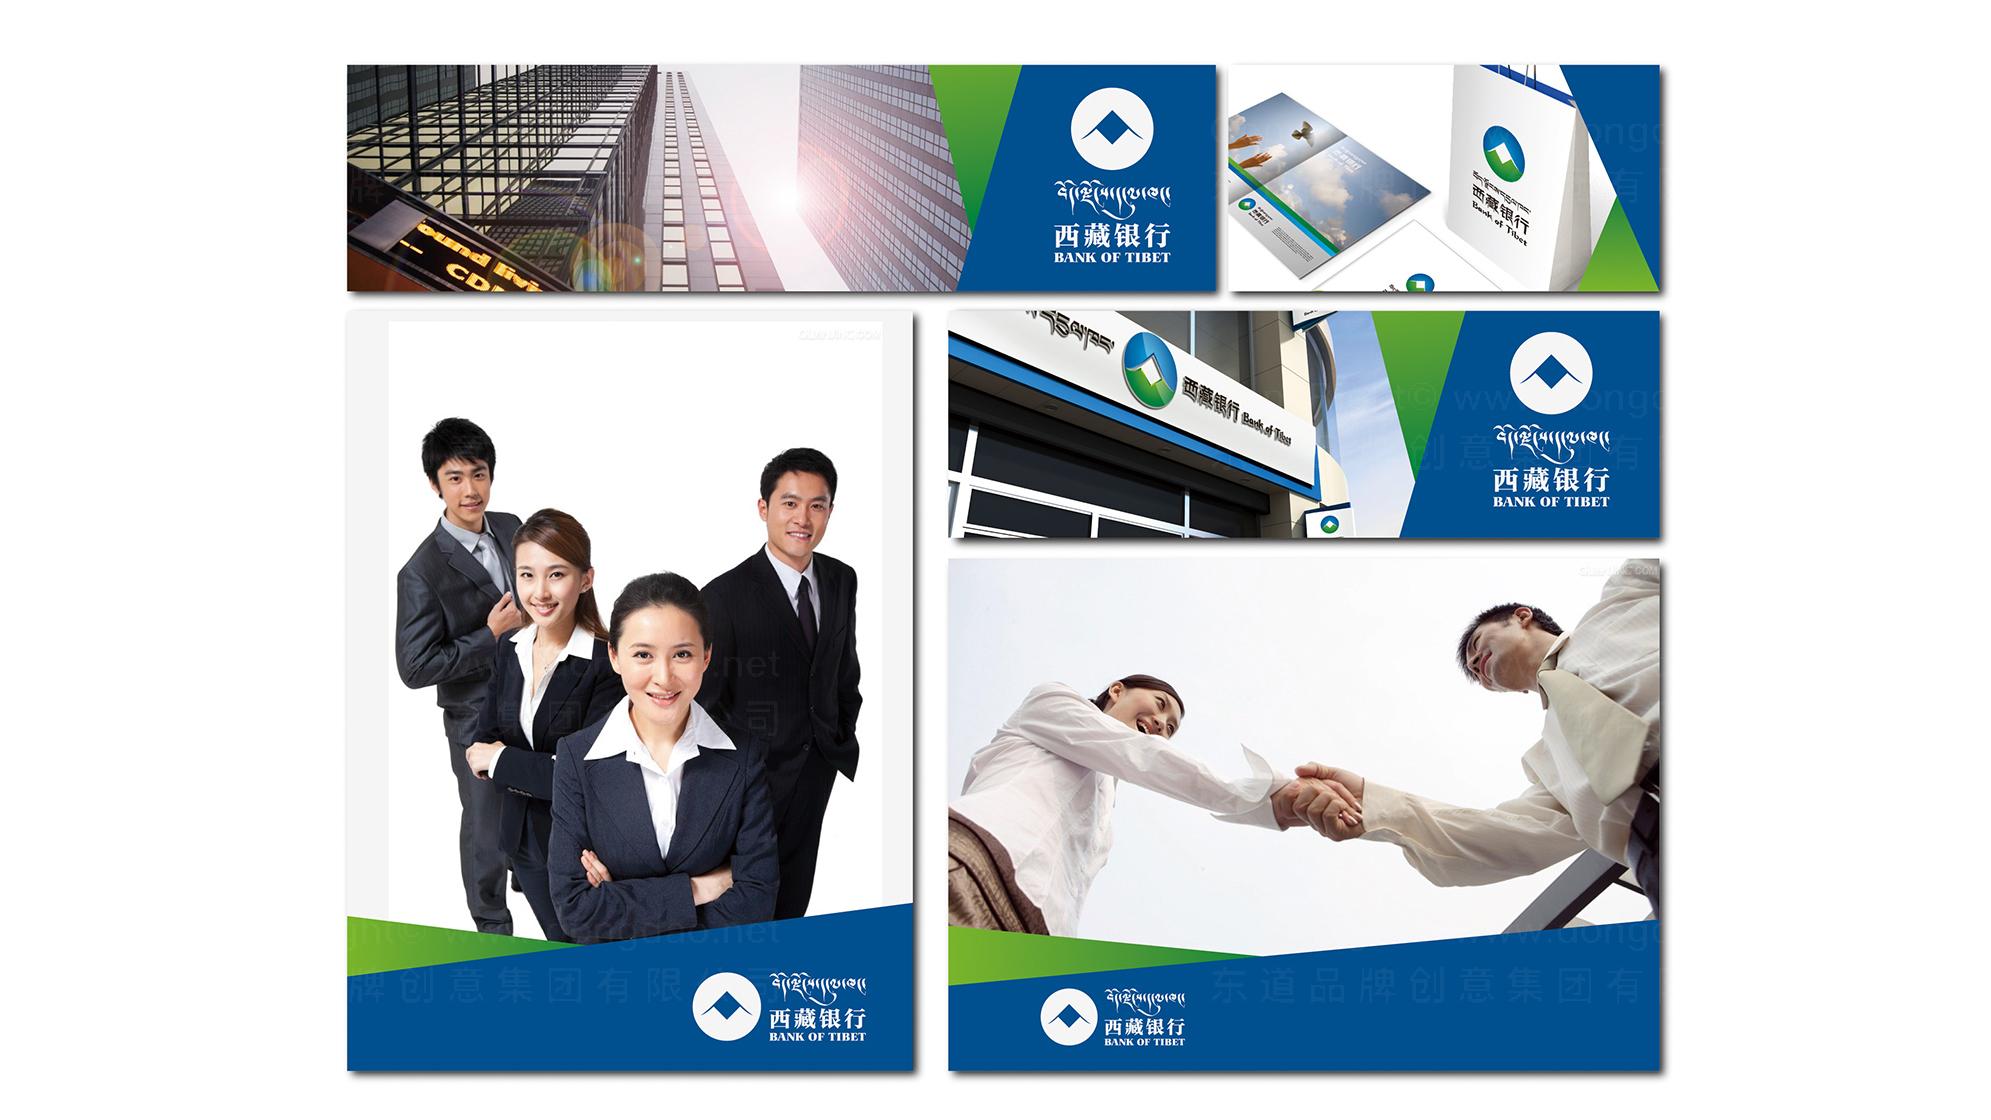 品牌设计西藏银行LOGO&VI设计应用场景_2